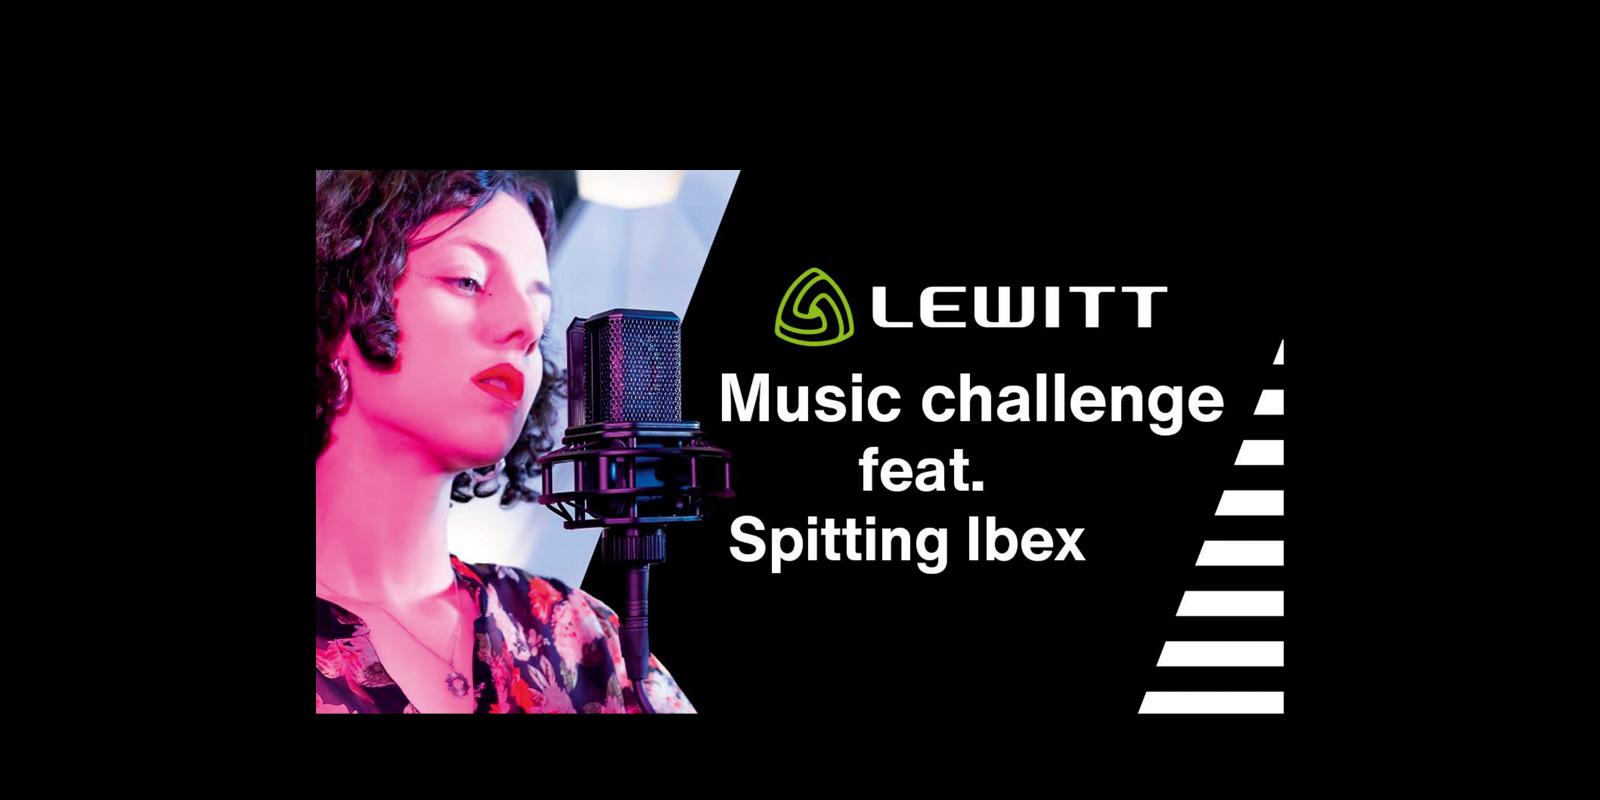 LEWITT music challenge Spitting Ibex